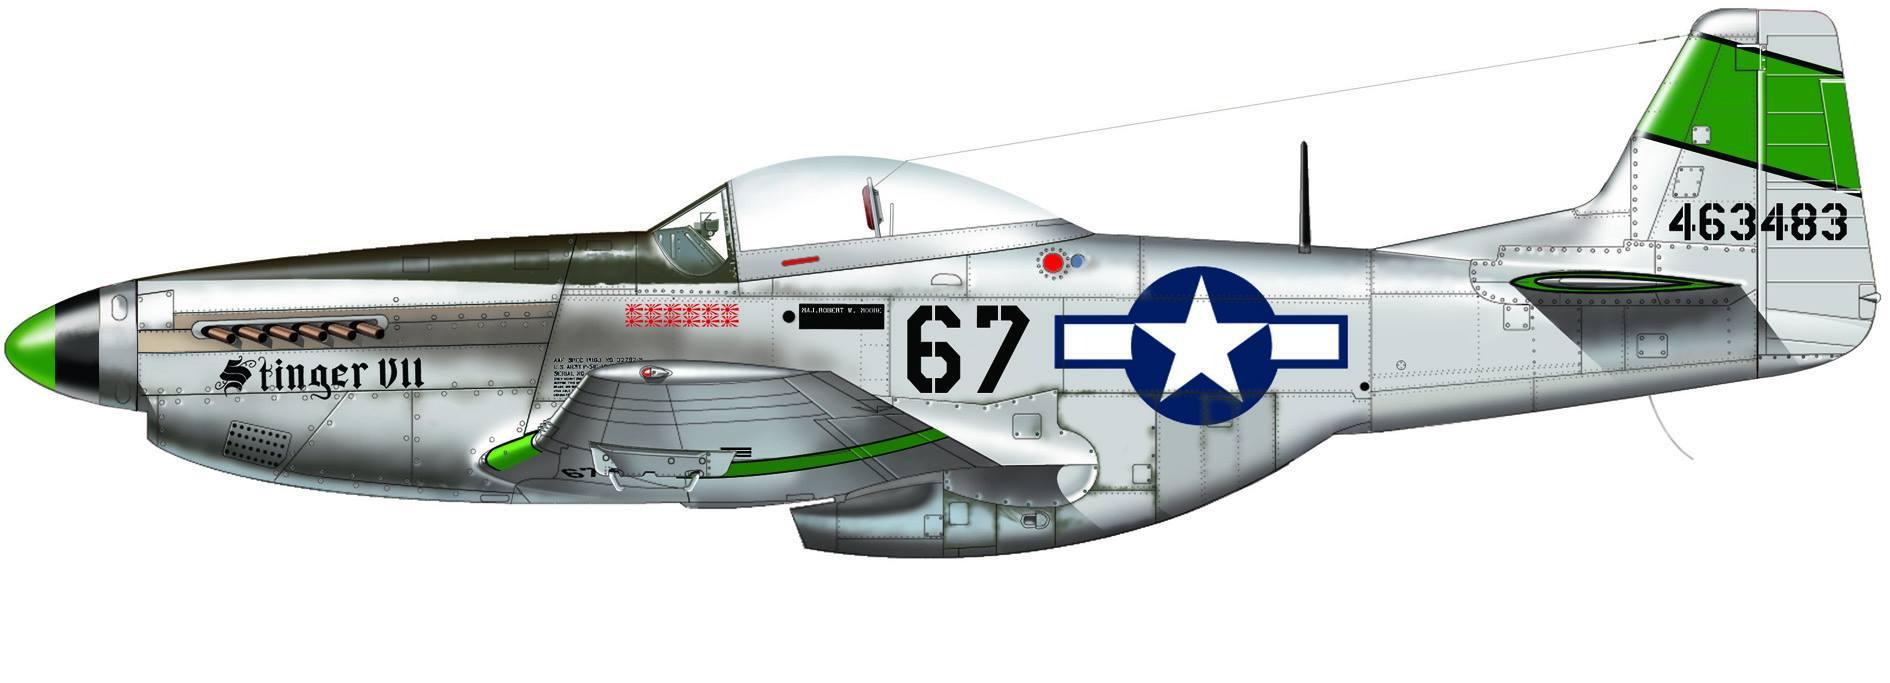 P-51 Pacific Aces de Italeri 02